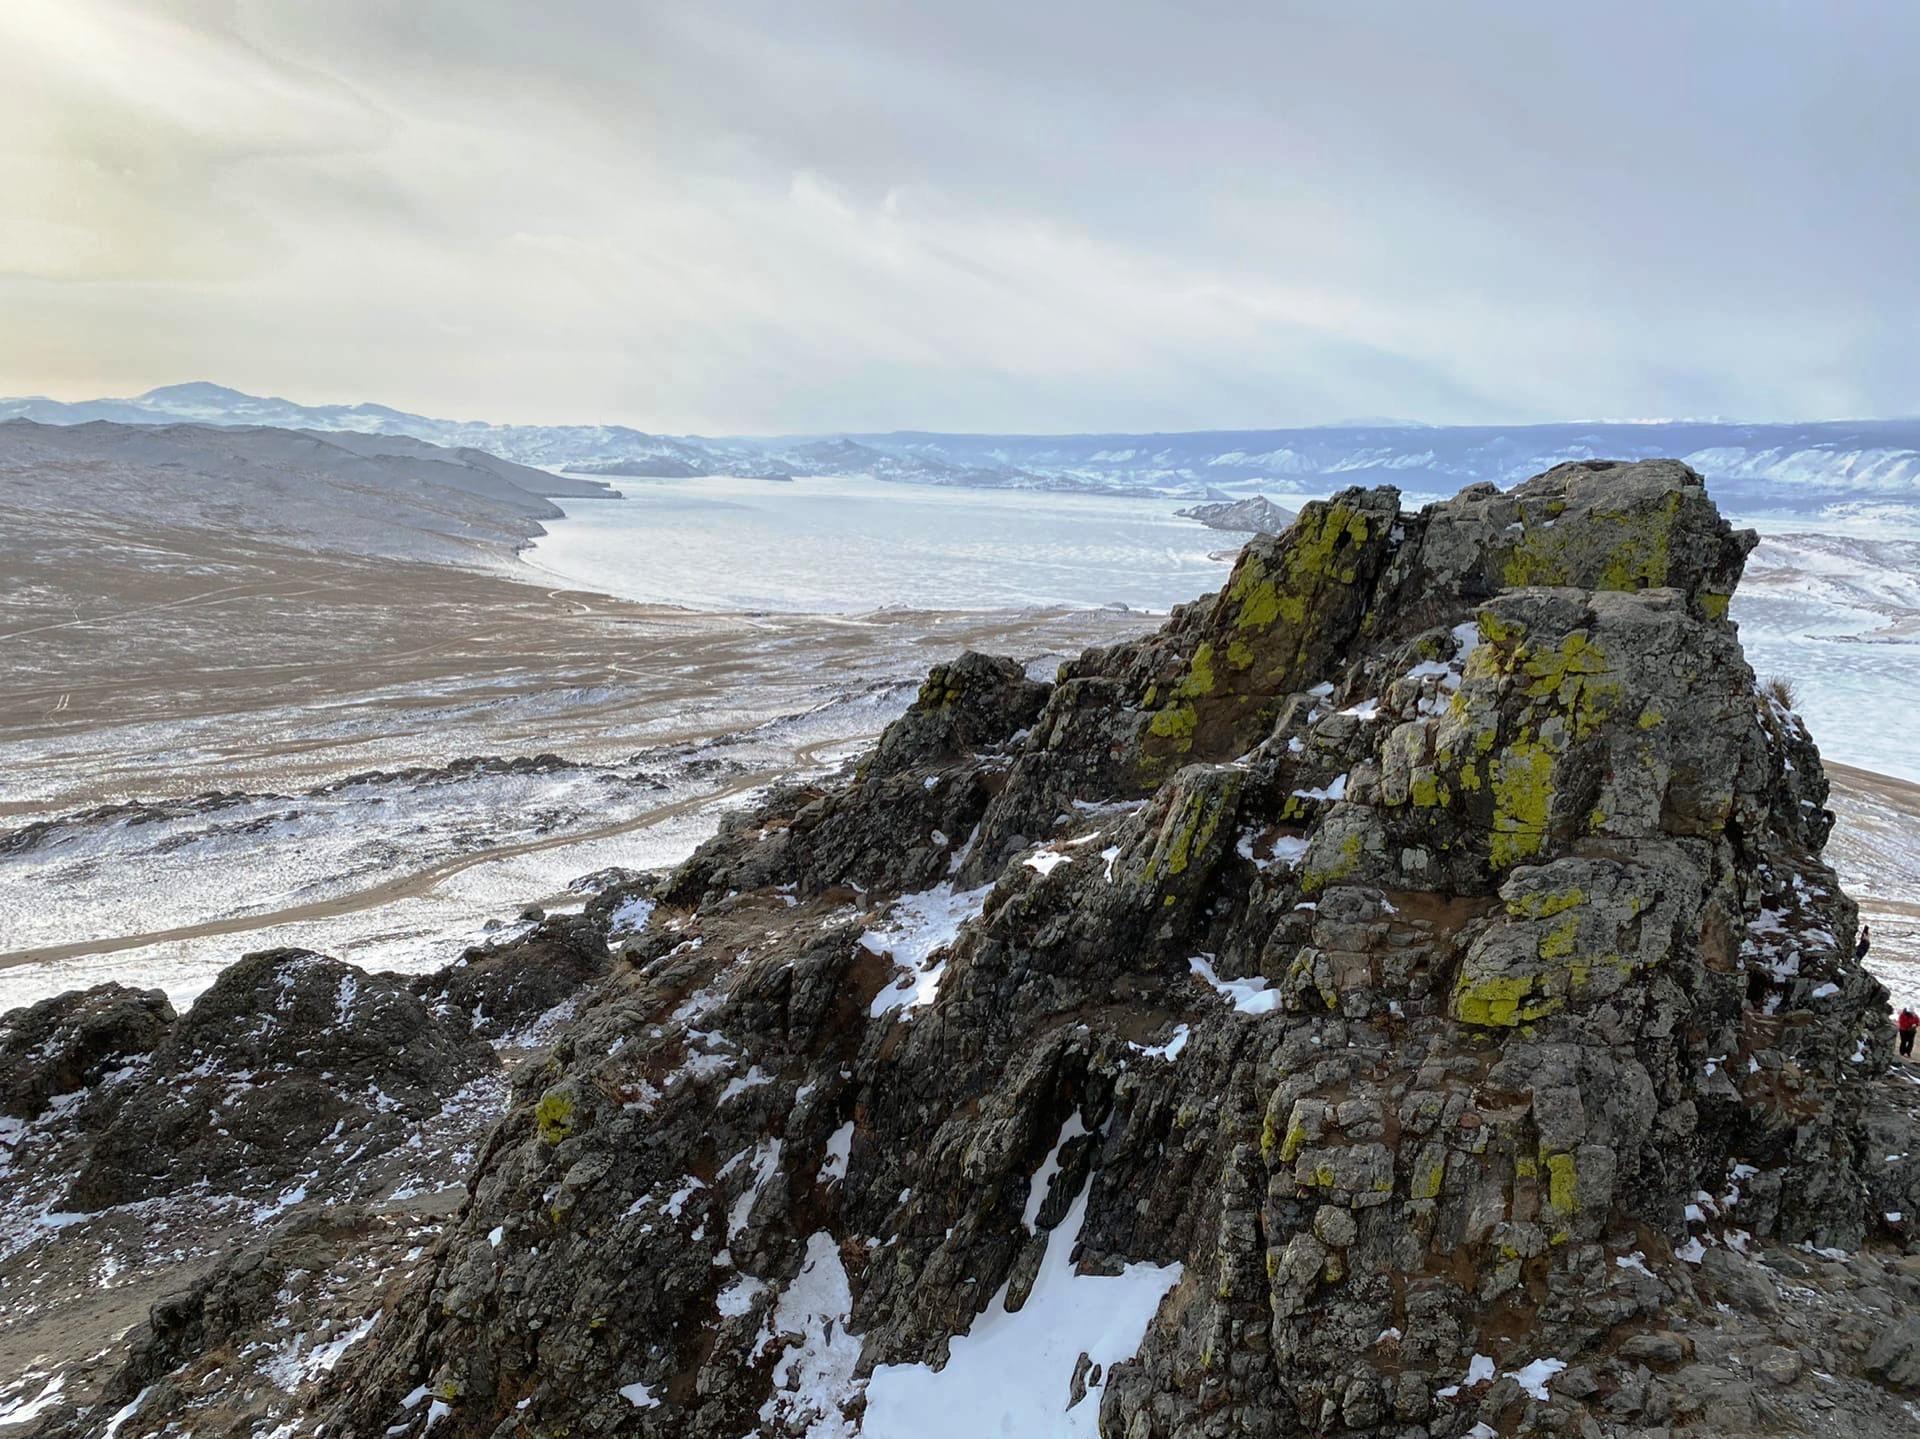 Winter Beauty of Lake Baikal